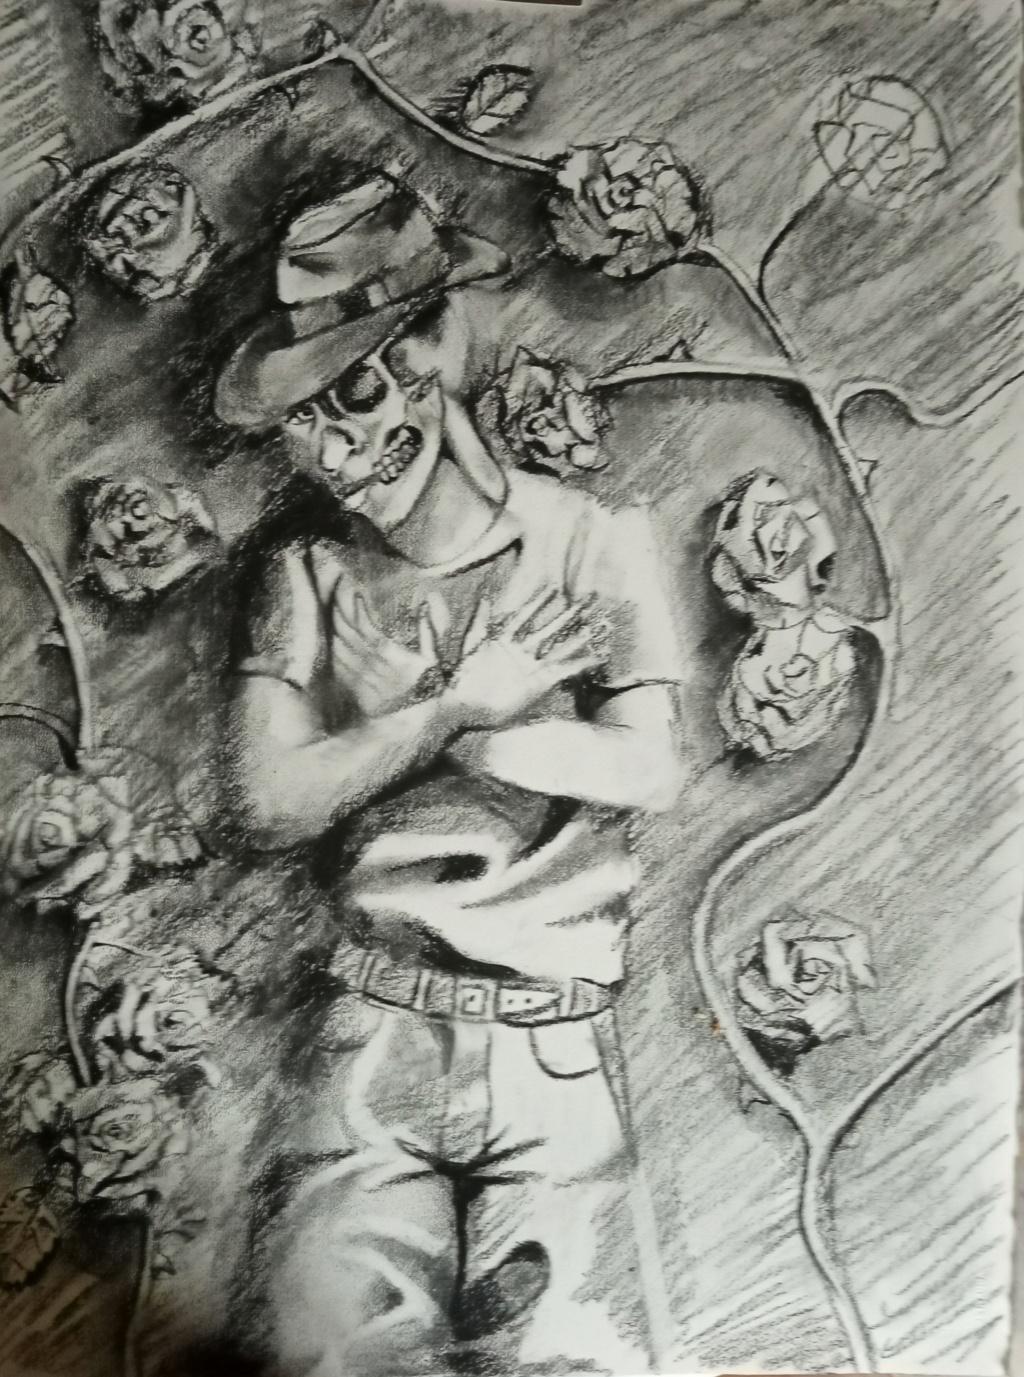 un de mes tableaux - Page 17 Img_2078